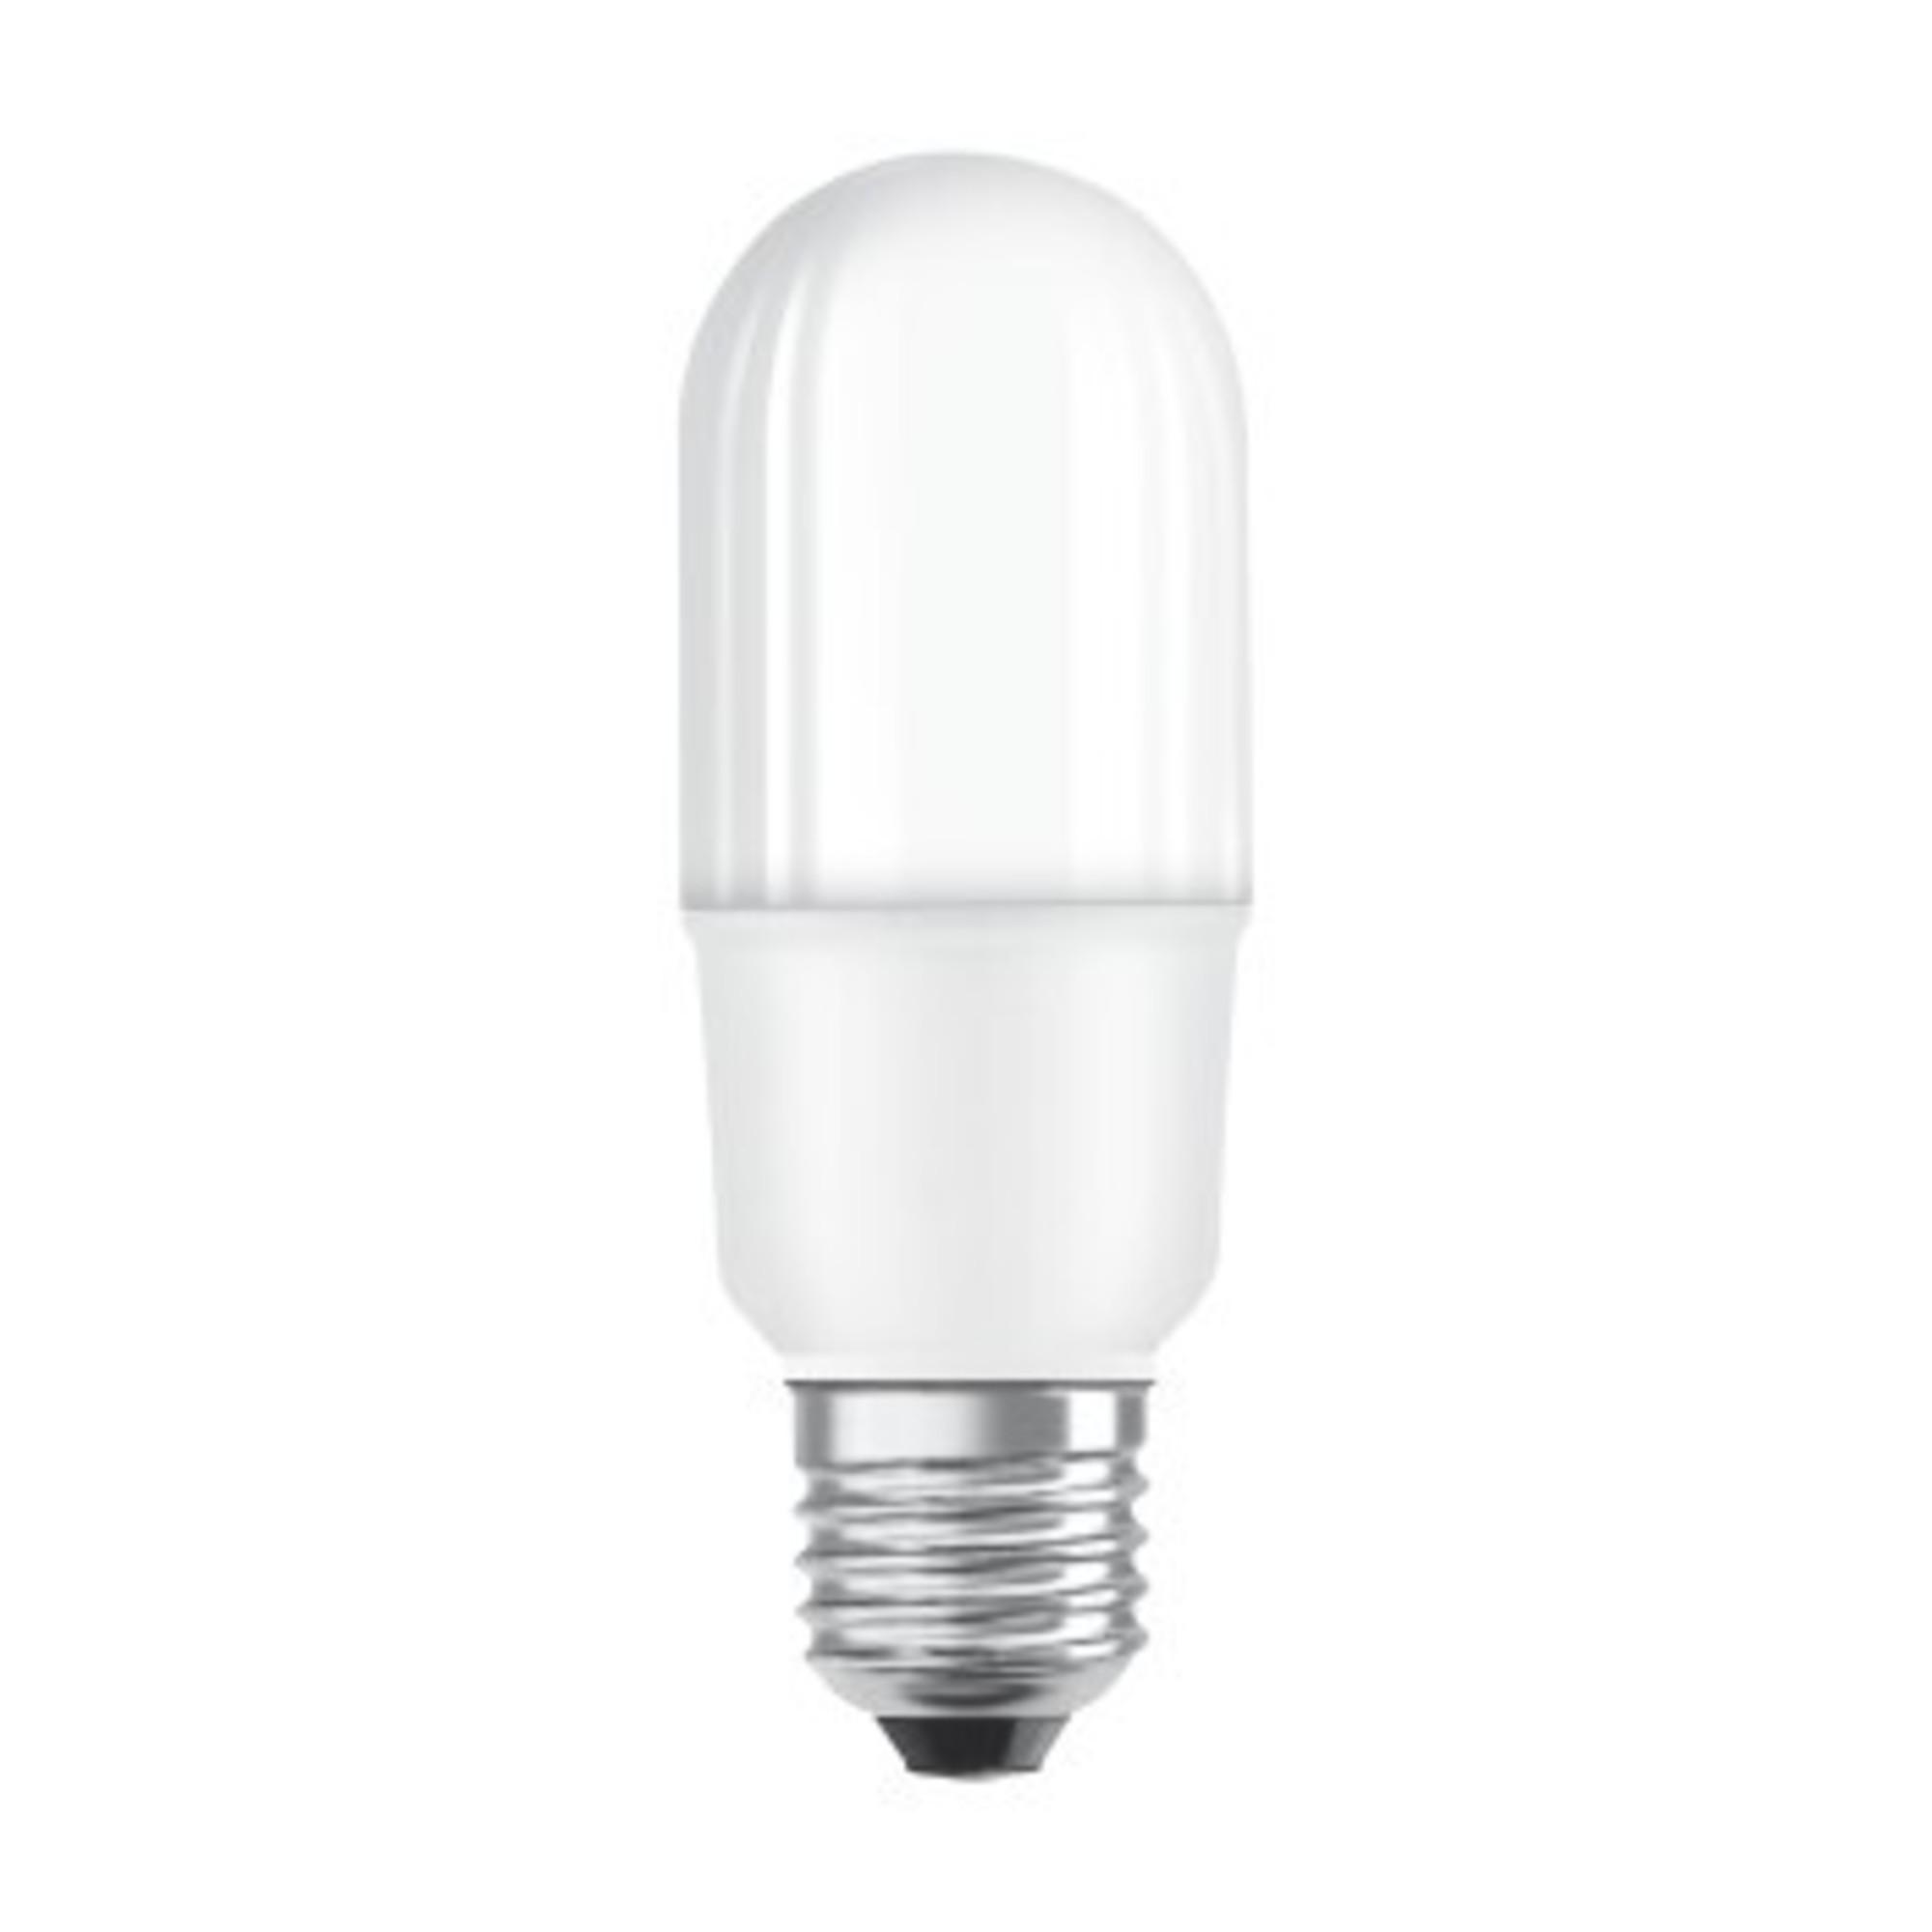 Лампа светодиодная Osram E27 10 Вт цилиндр матовая 1050 лм холодный белый свет